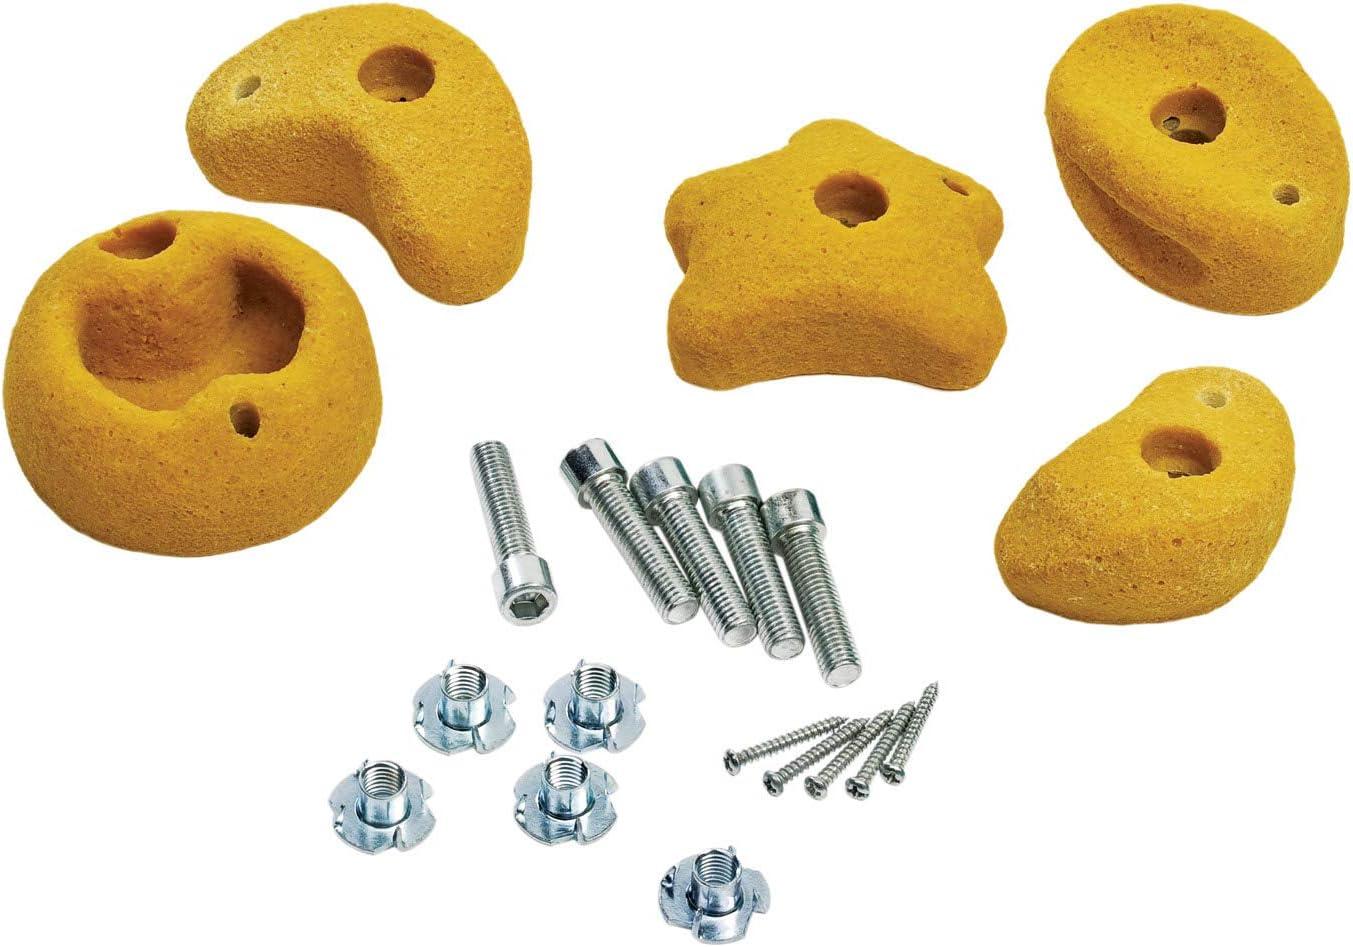 Gartenpirat Set de 5 presas de Escalada Amarillas tamaño pequeño con Tornillo y Tuerca